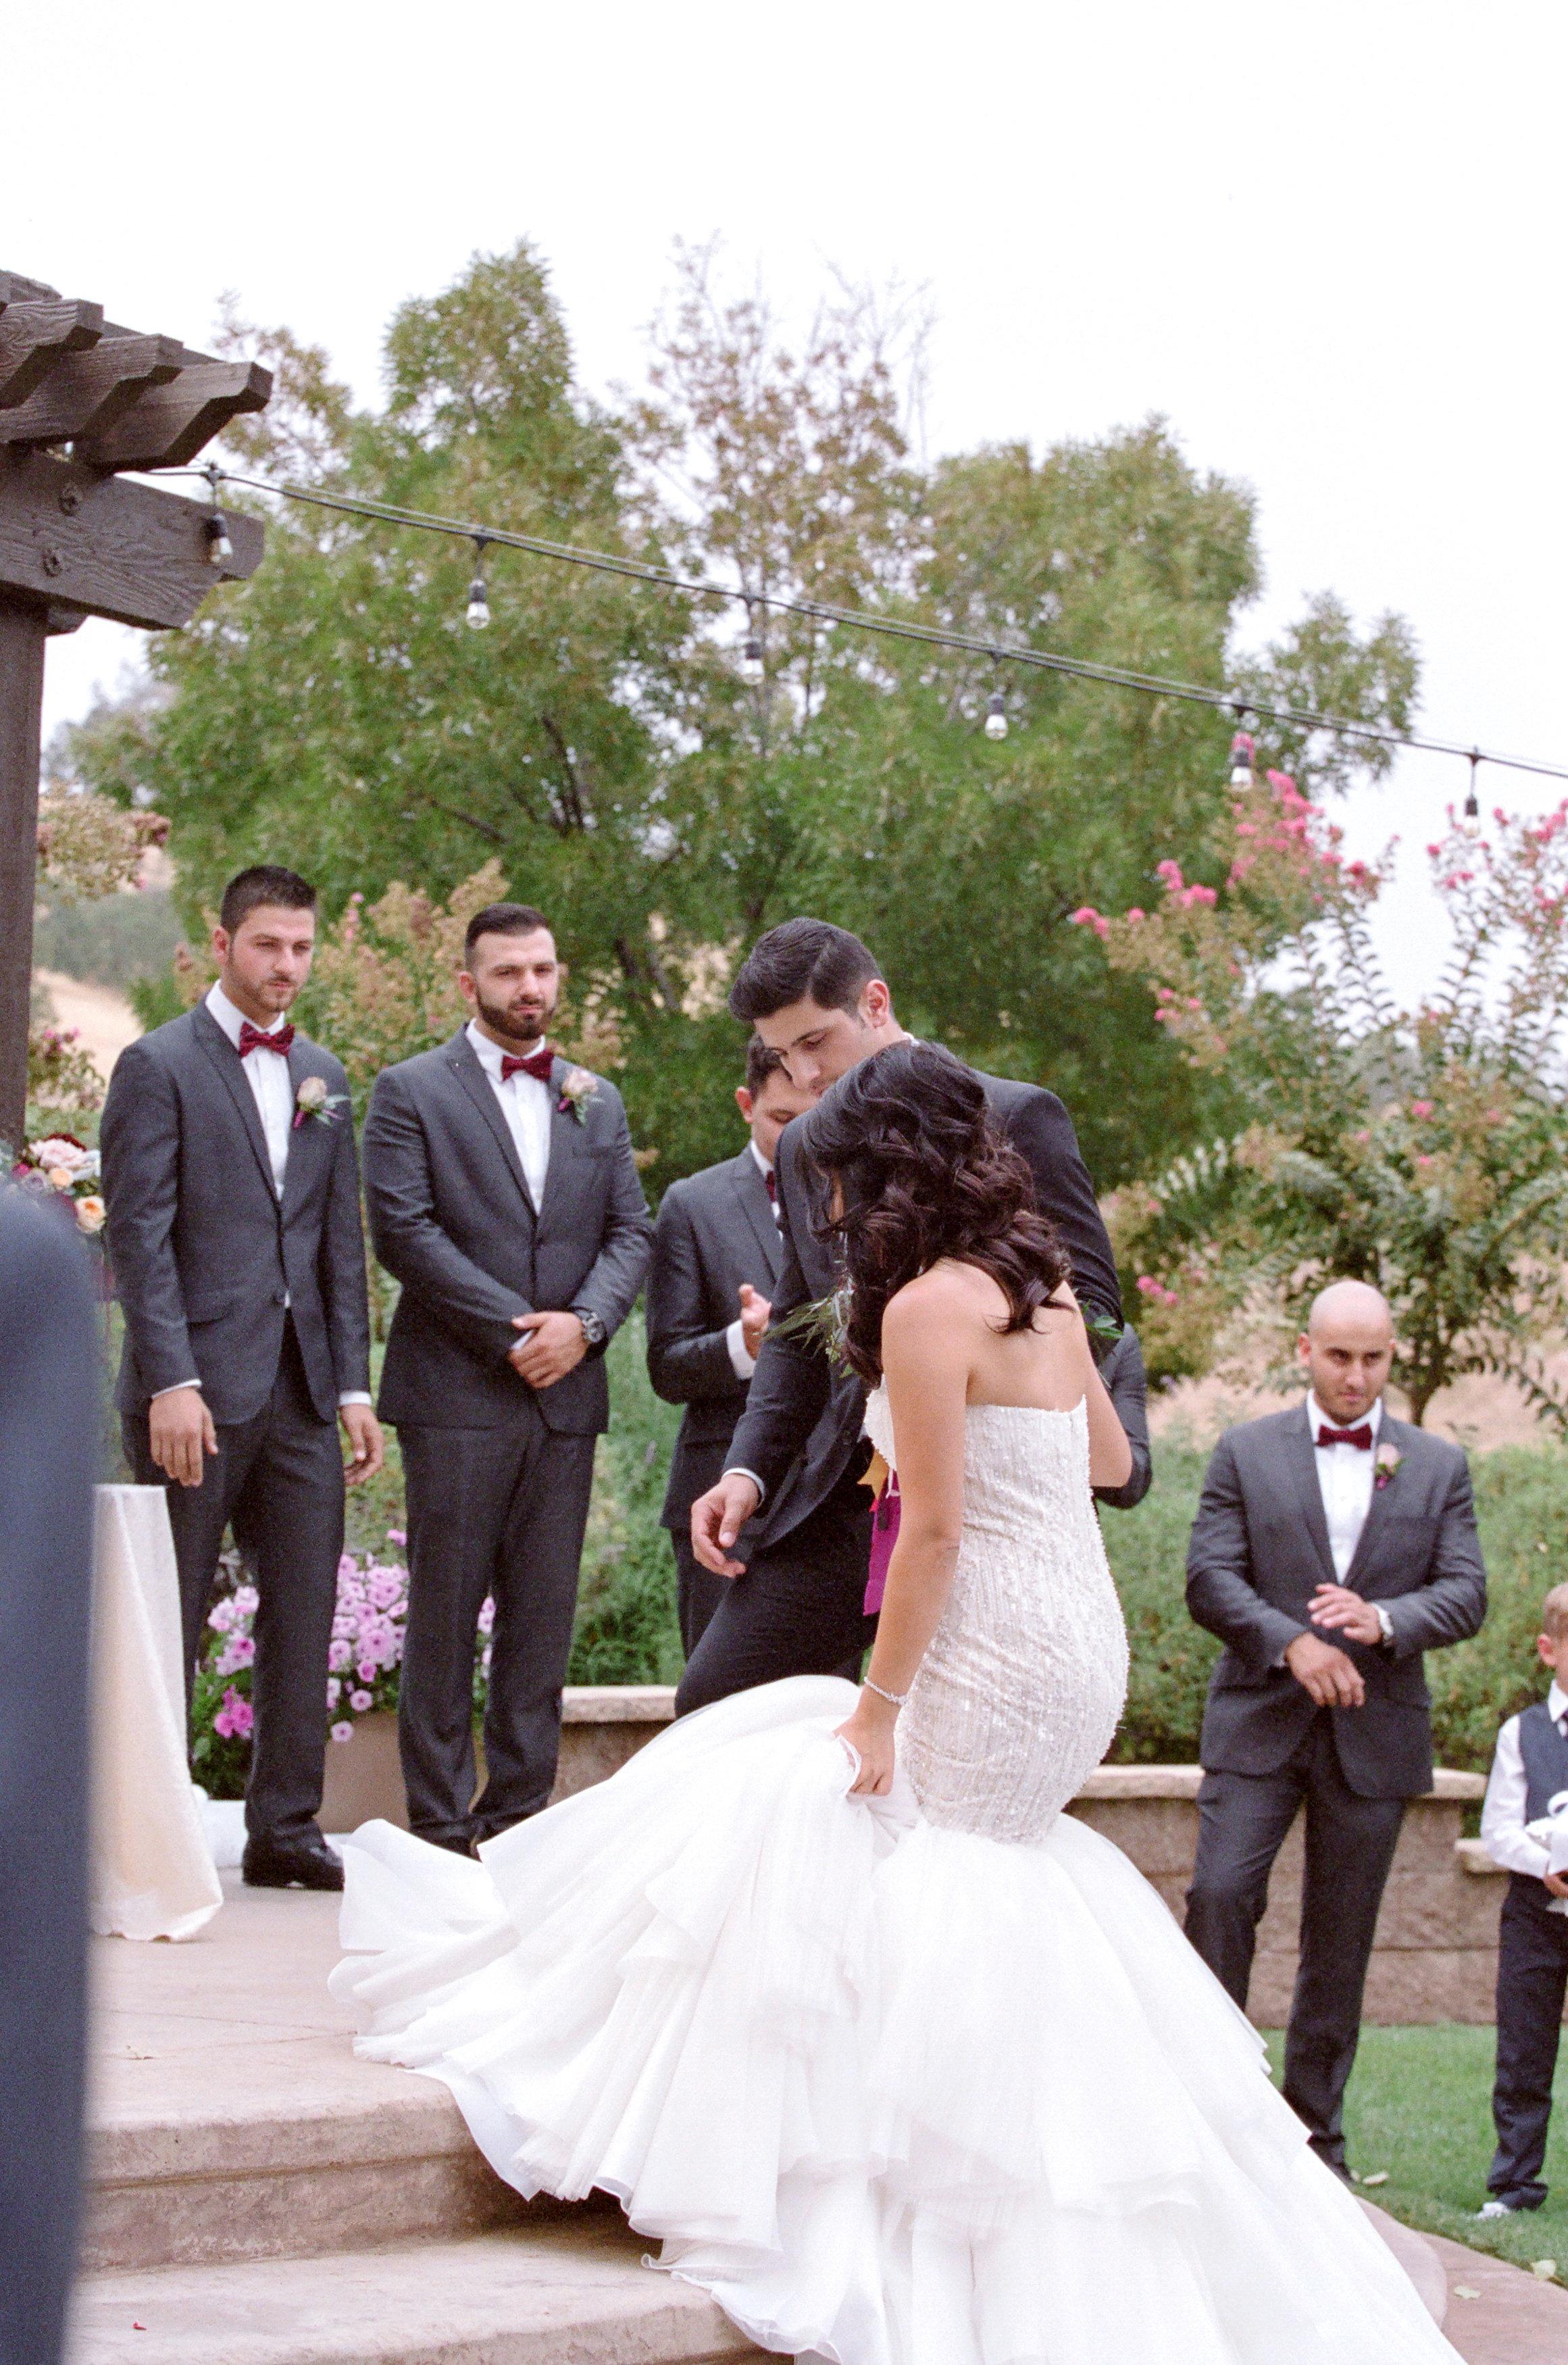 Amador_County_Wedding_Ceremony_Stage_Bride_Groom_Rancho_Victoria_Vineyard_Northern_California.jpg